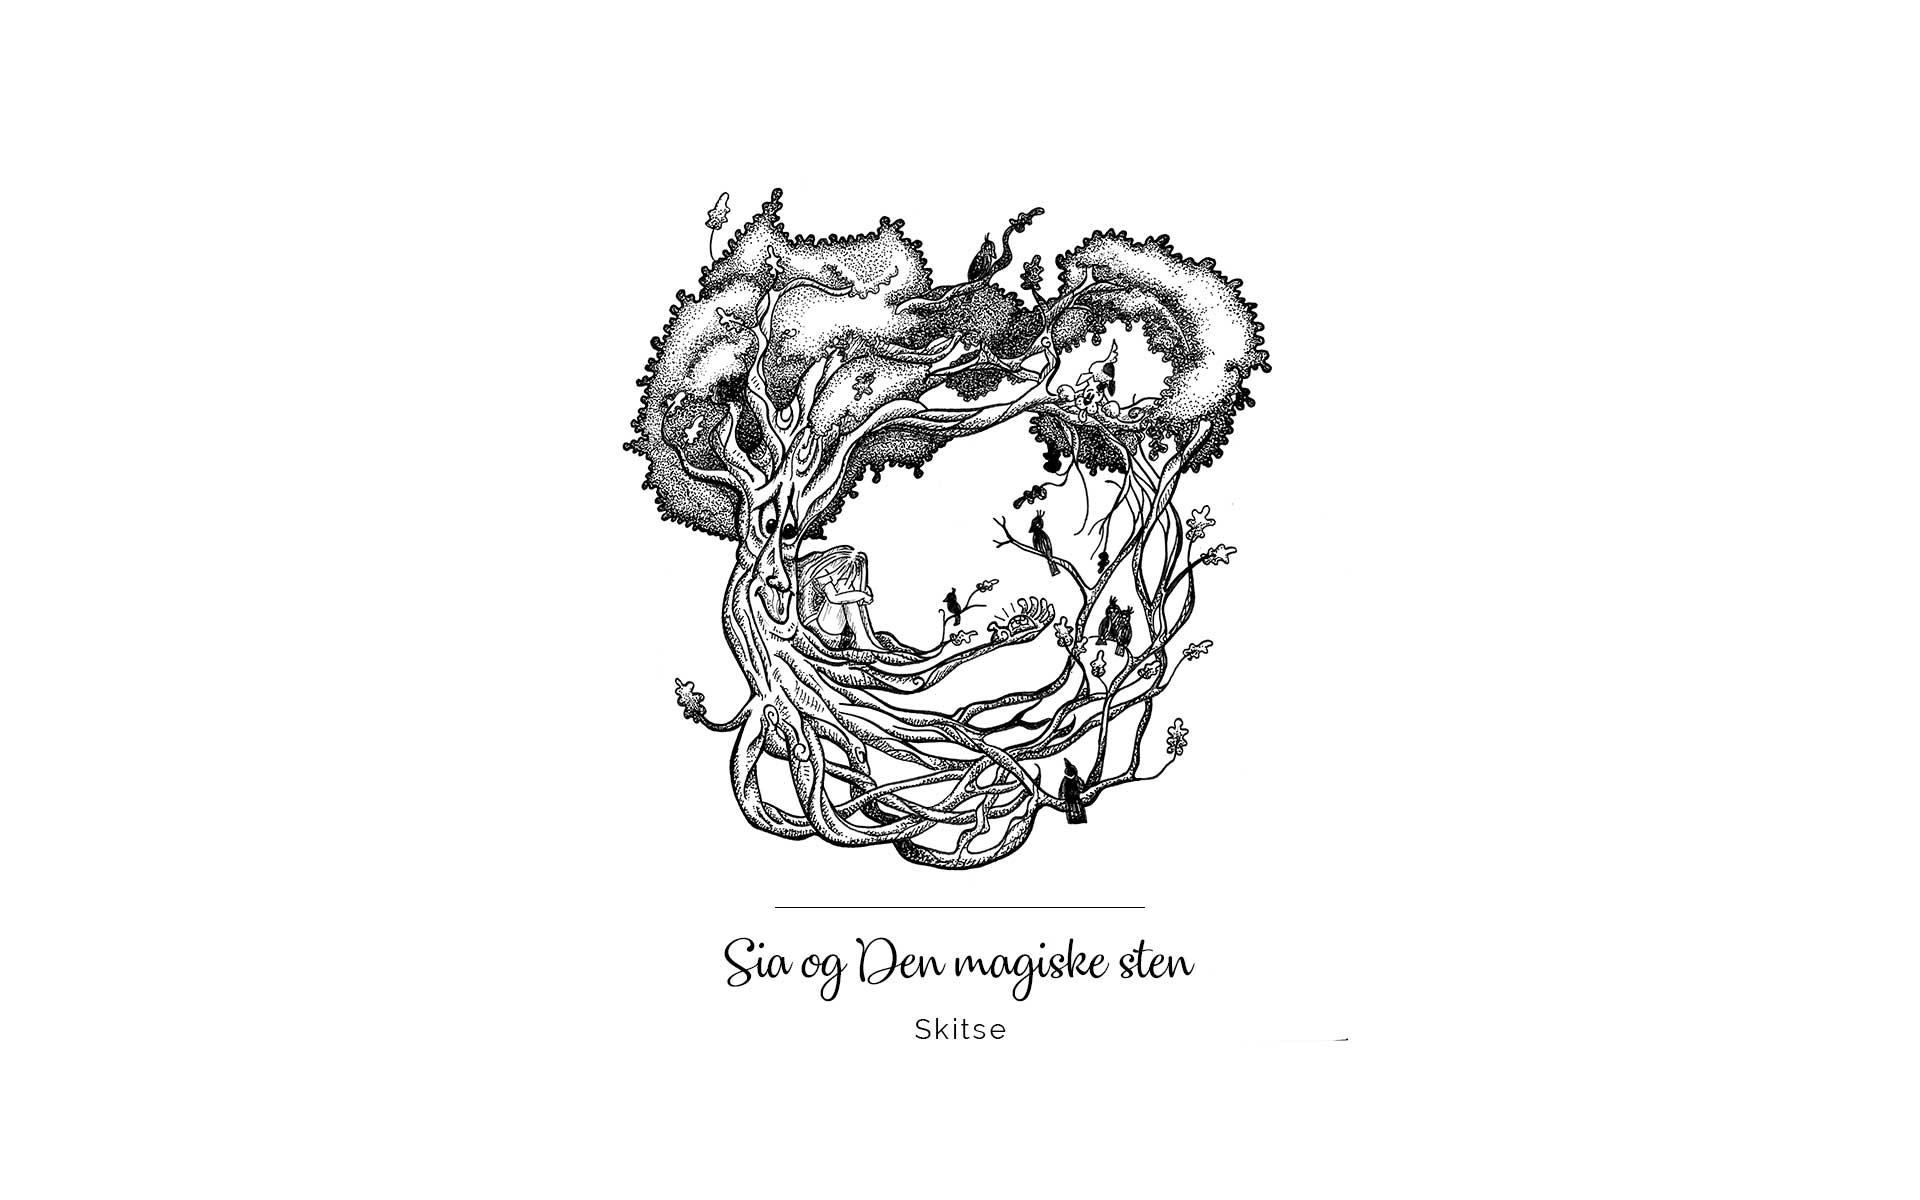 01_sia_og_den_magiske_sten_a